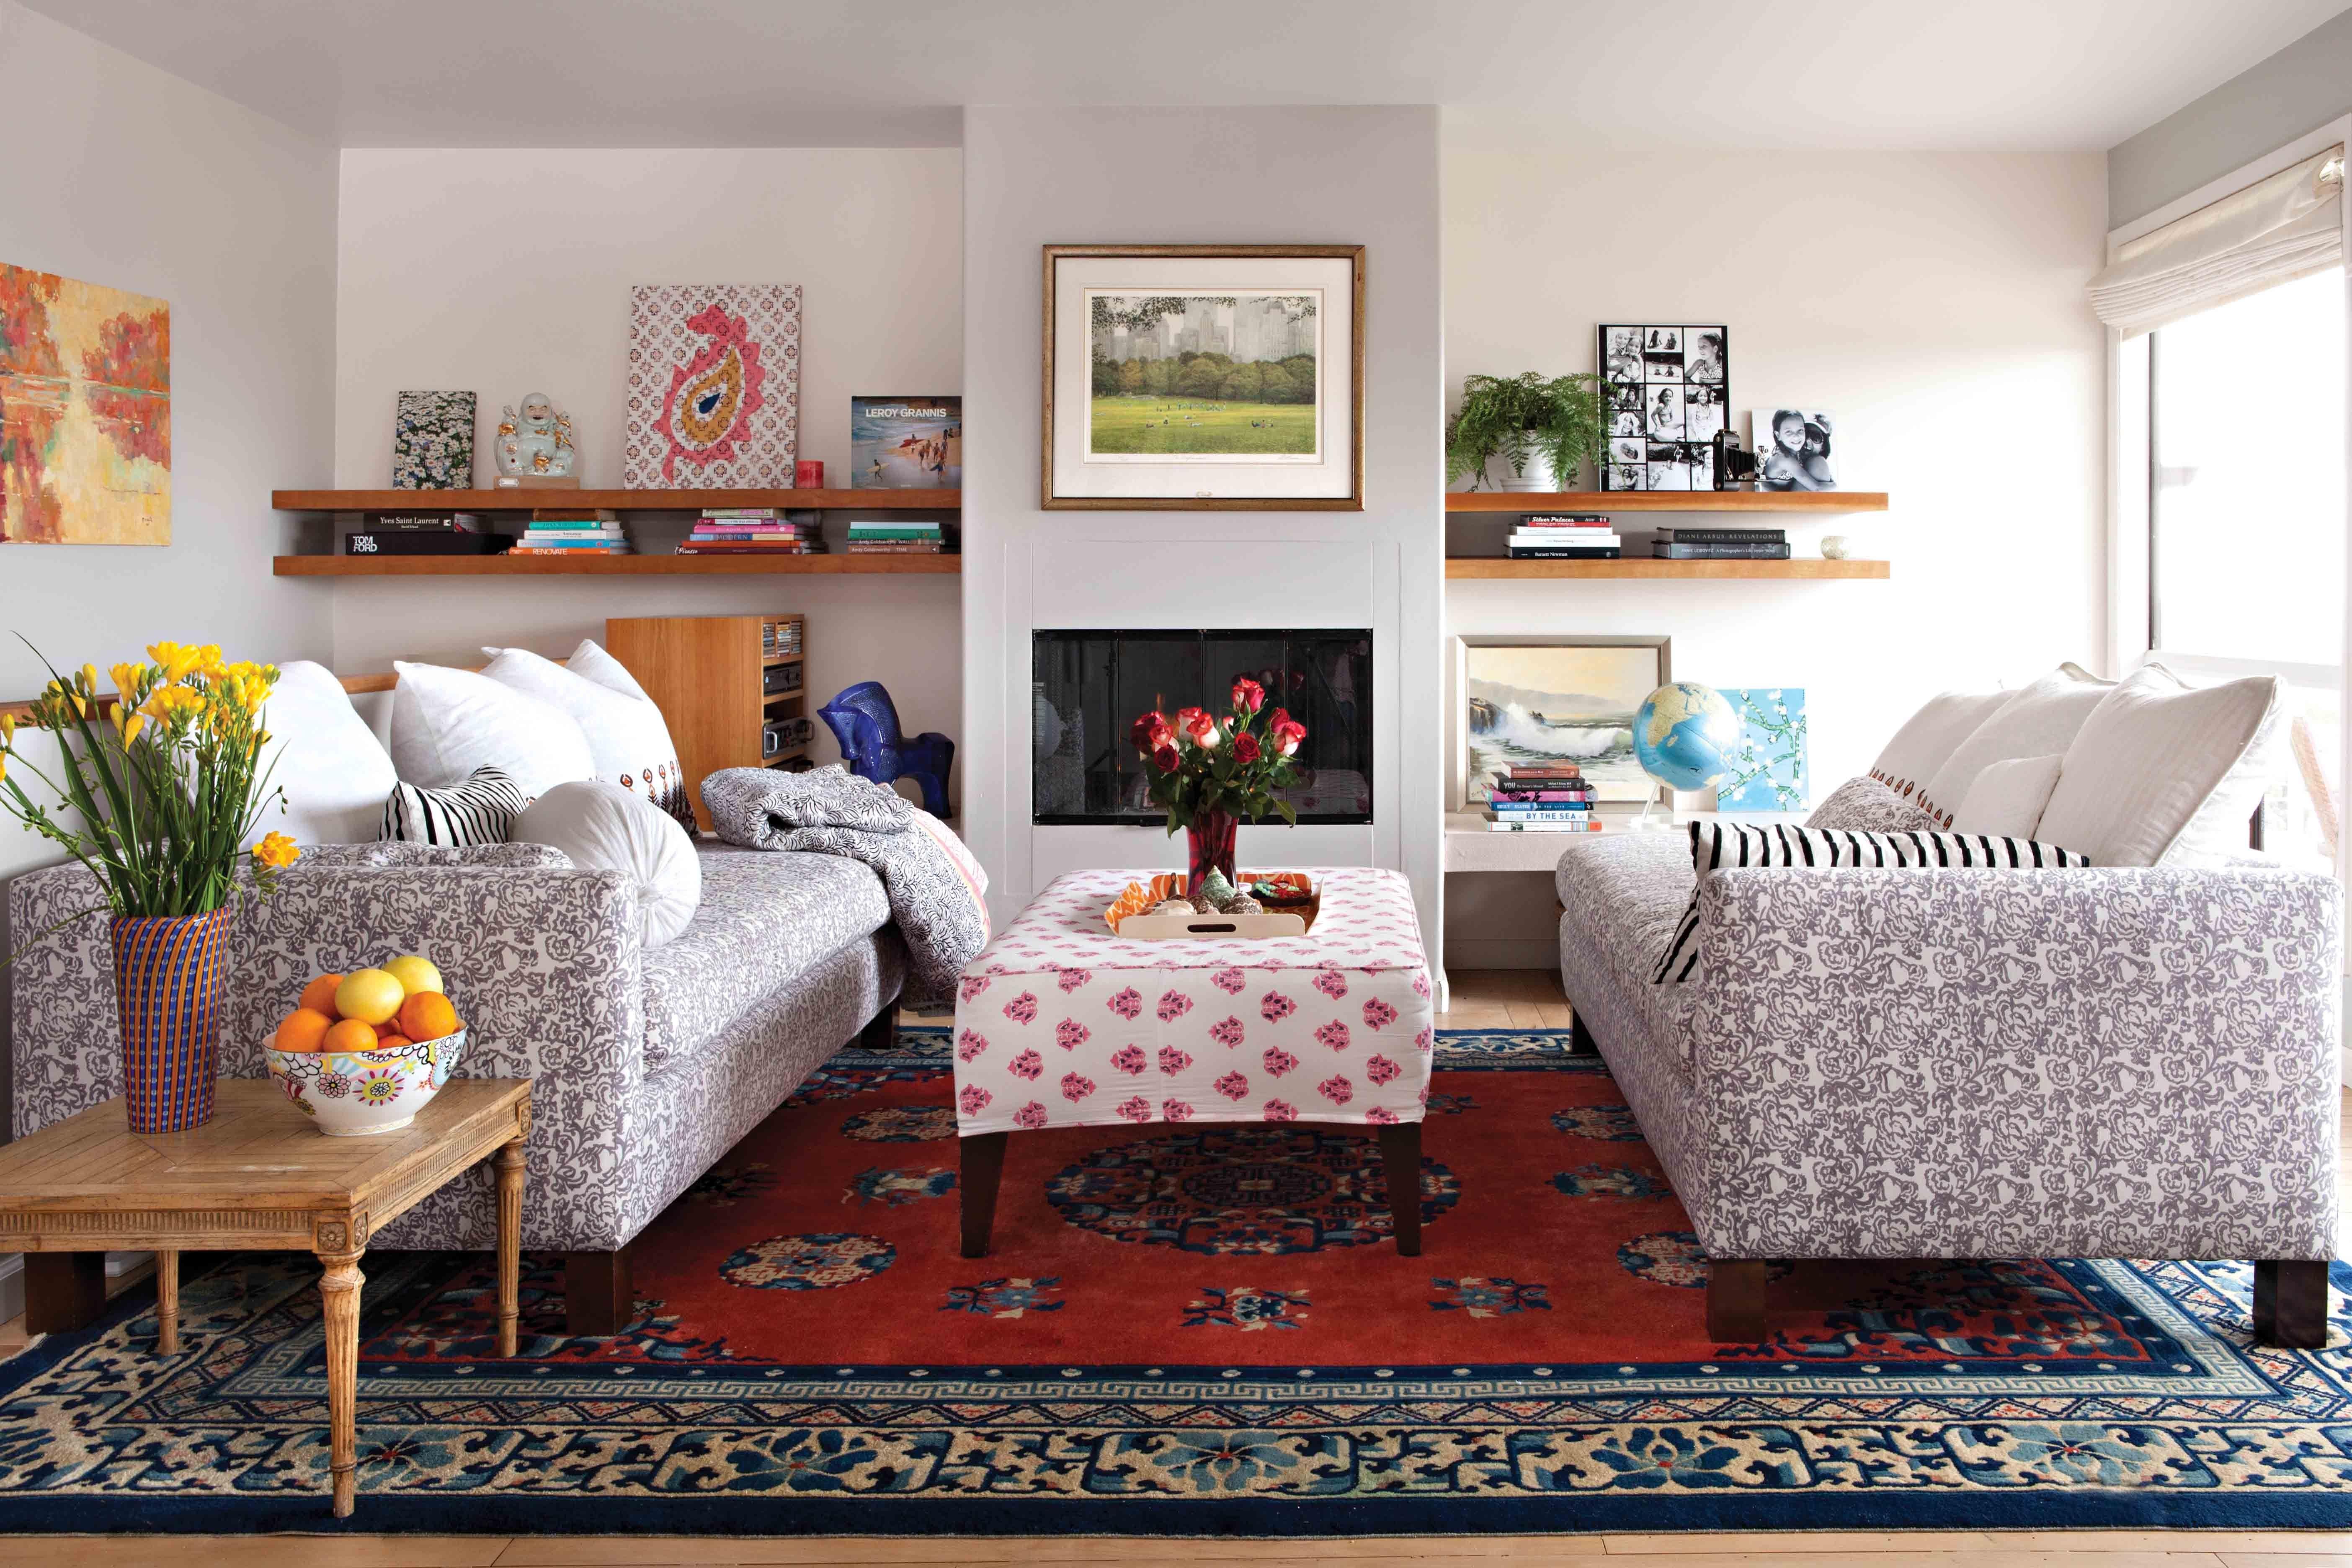 Red Oriental Rug Living Room Throw Carpets Bedroom Throw Rugs | rugs ...